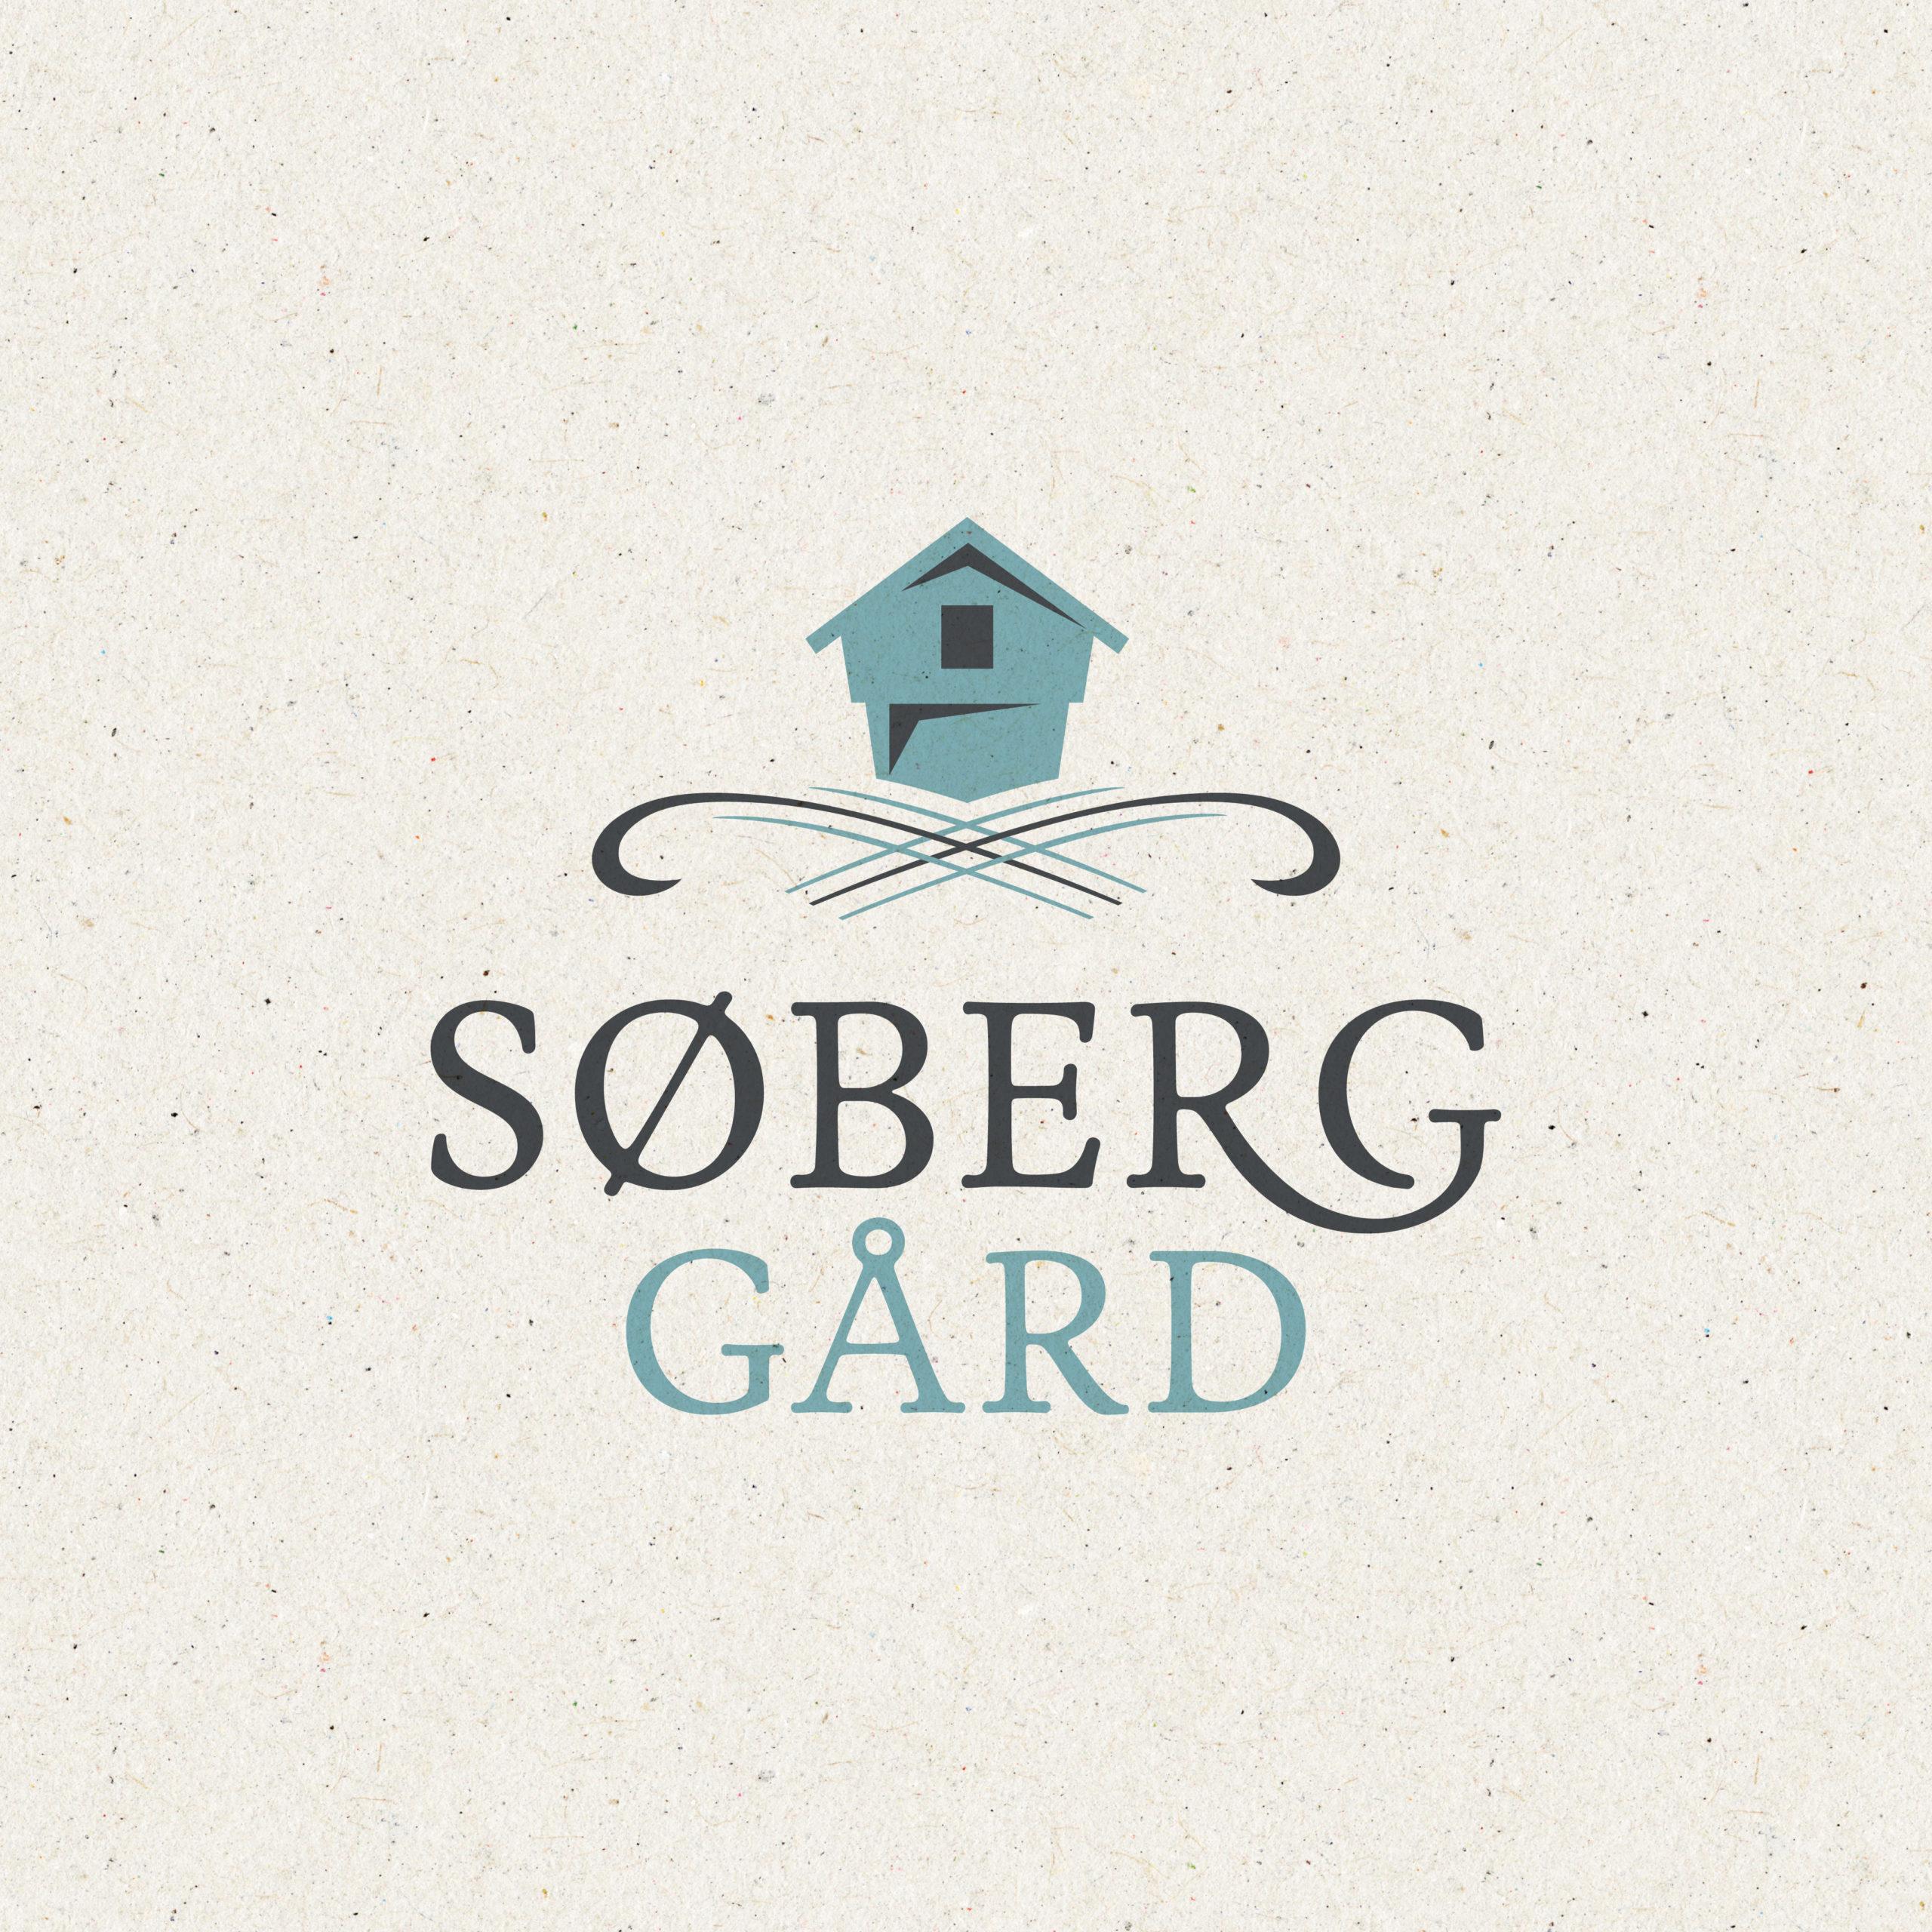 Logo og visuell identitet for Søberg gård, laget av Haus Byrå